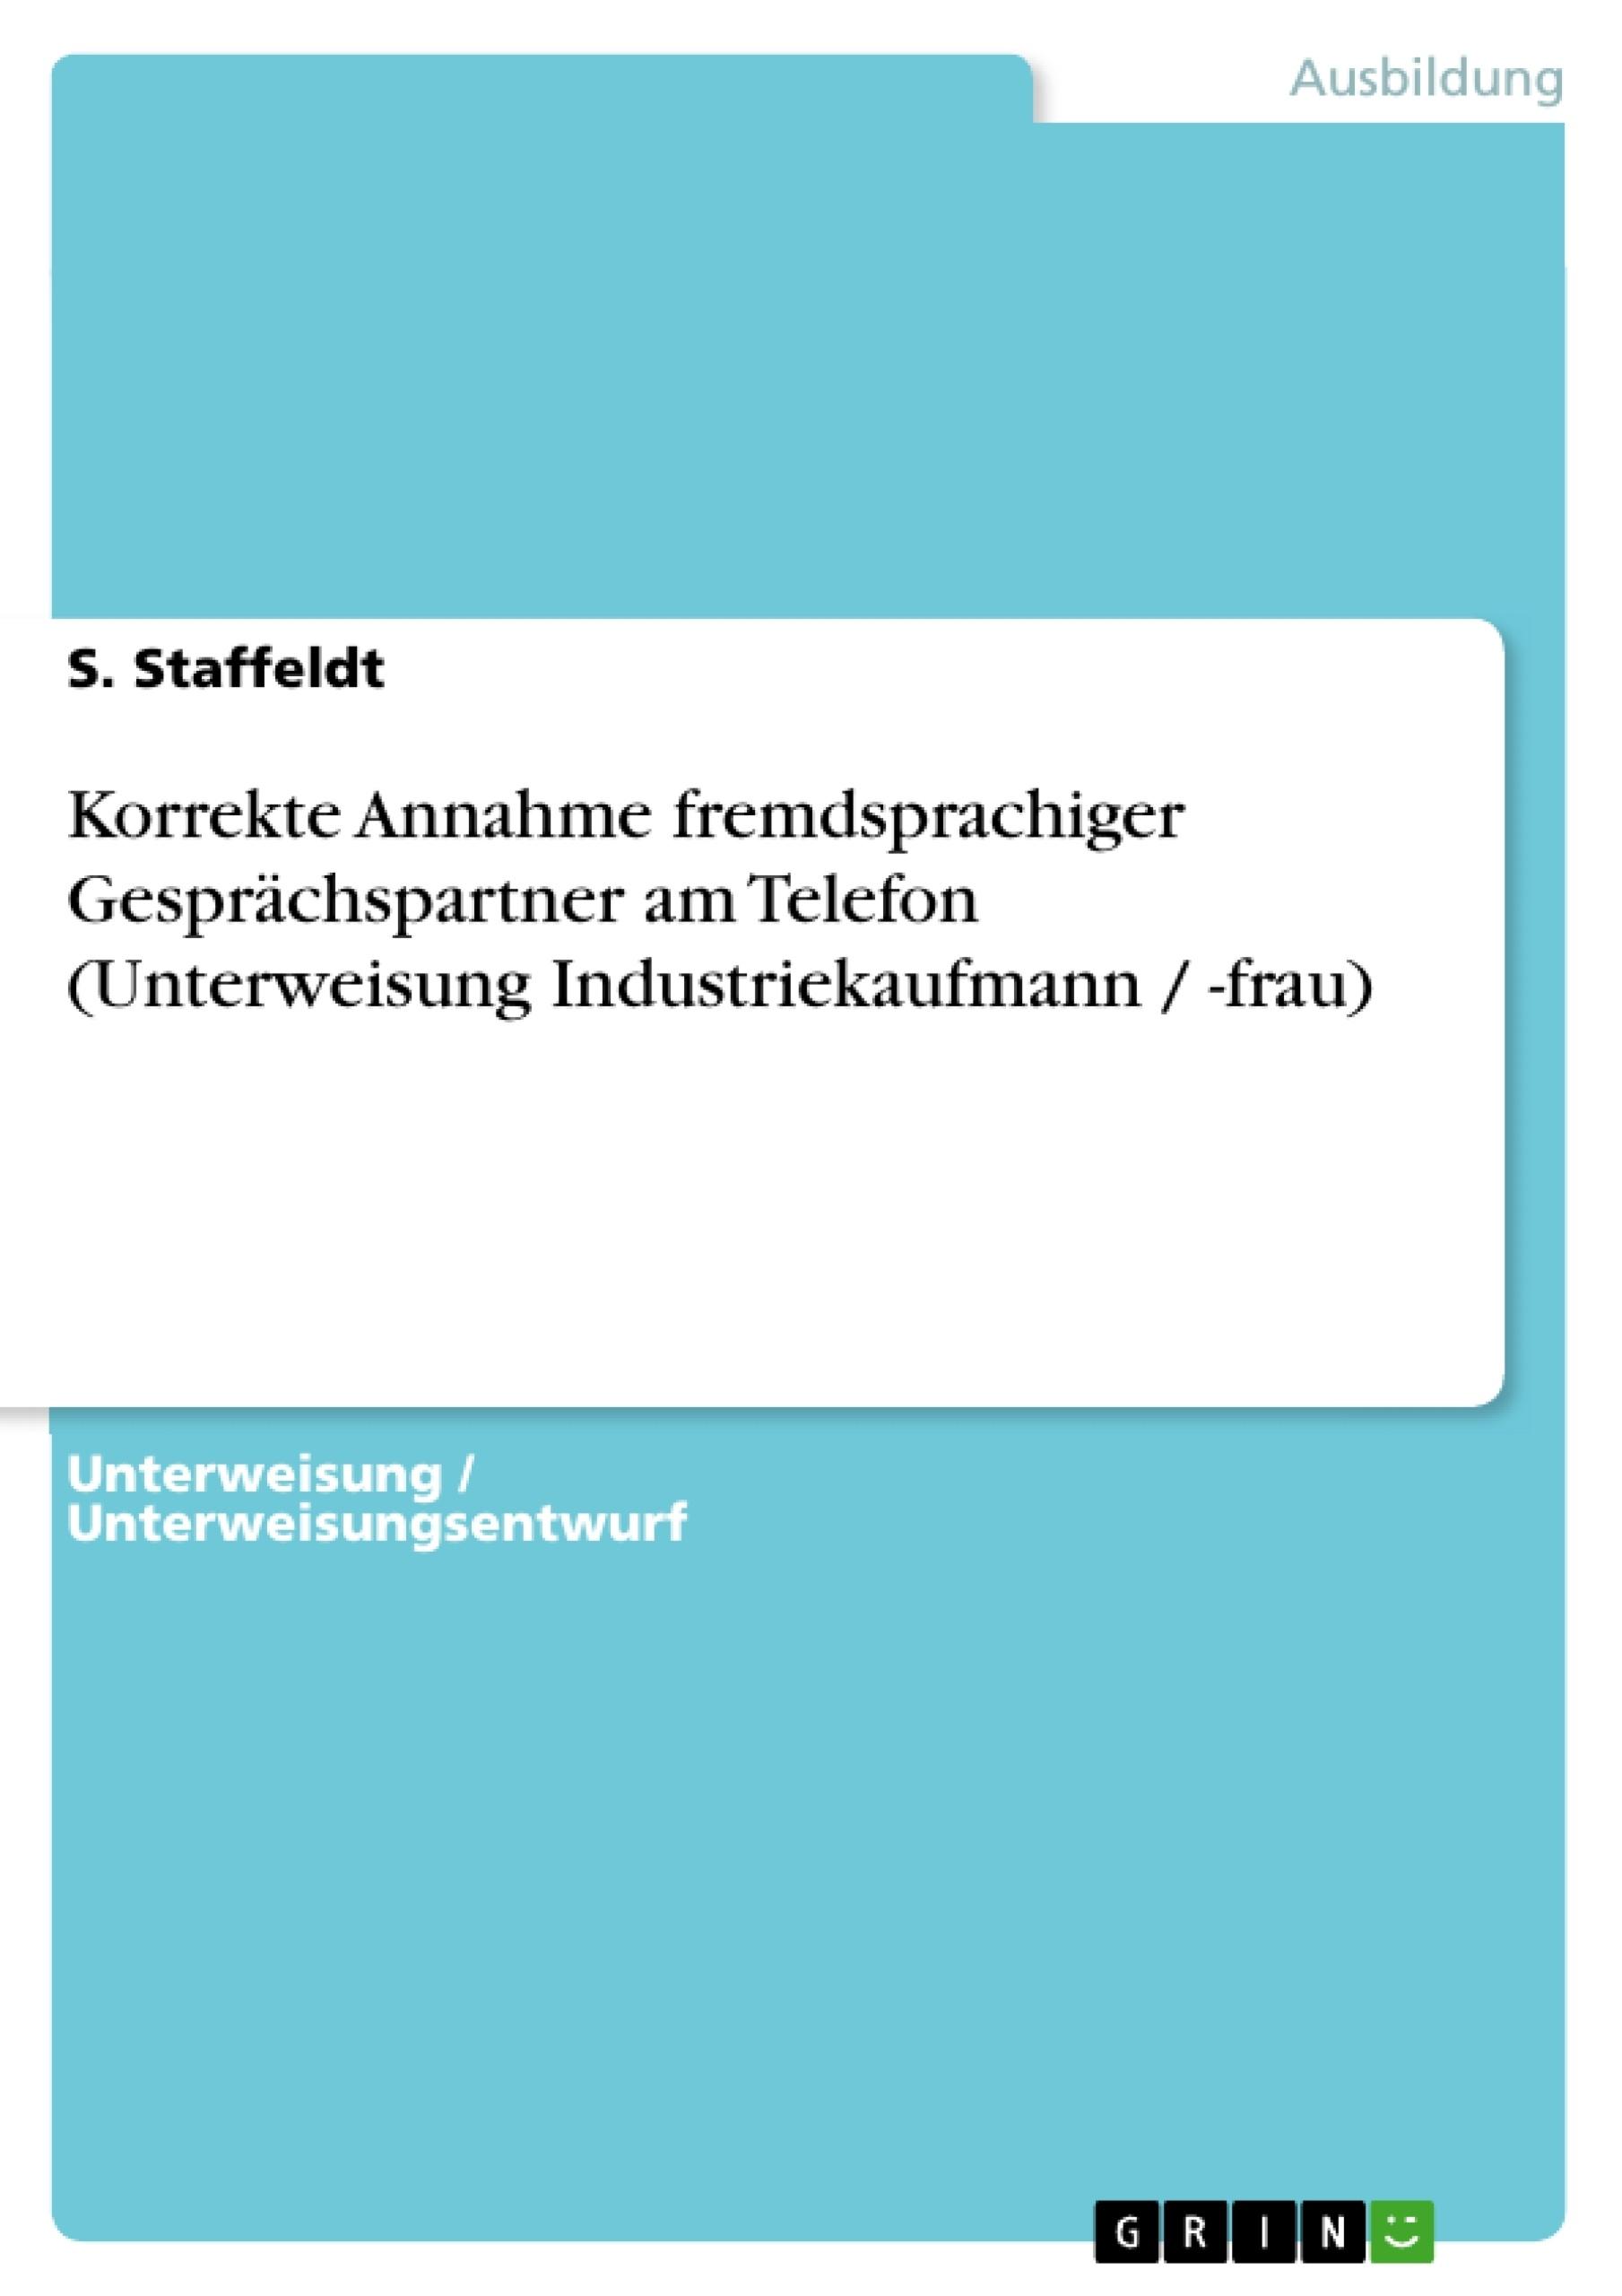 Titel: Korrekte Annahme fremdsprachiger Gesprächspartner am Telefon (Unterweisung  Industriekaufmann / -frau)